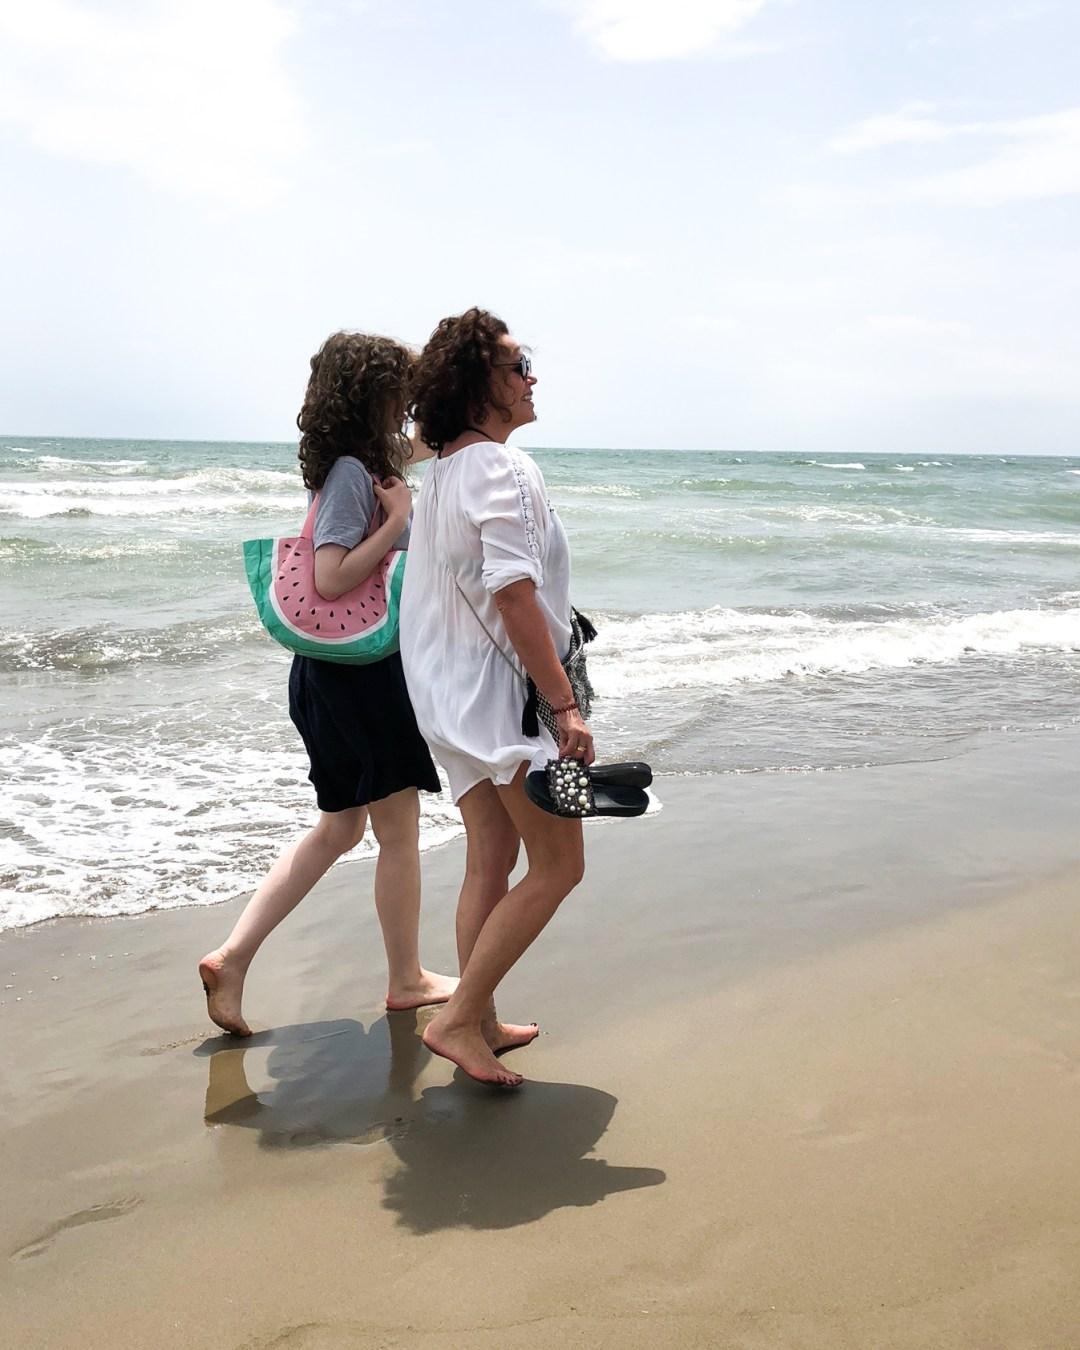 inastil, Ü50Blogger, Caorle, Familienurlaub, Italienurlaub, Strandurlaub, Italienliebe, Italien, Sommerurlaub, Urlaubstipps, Hoteltipp, Familienurlaub in Italien,_-4